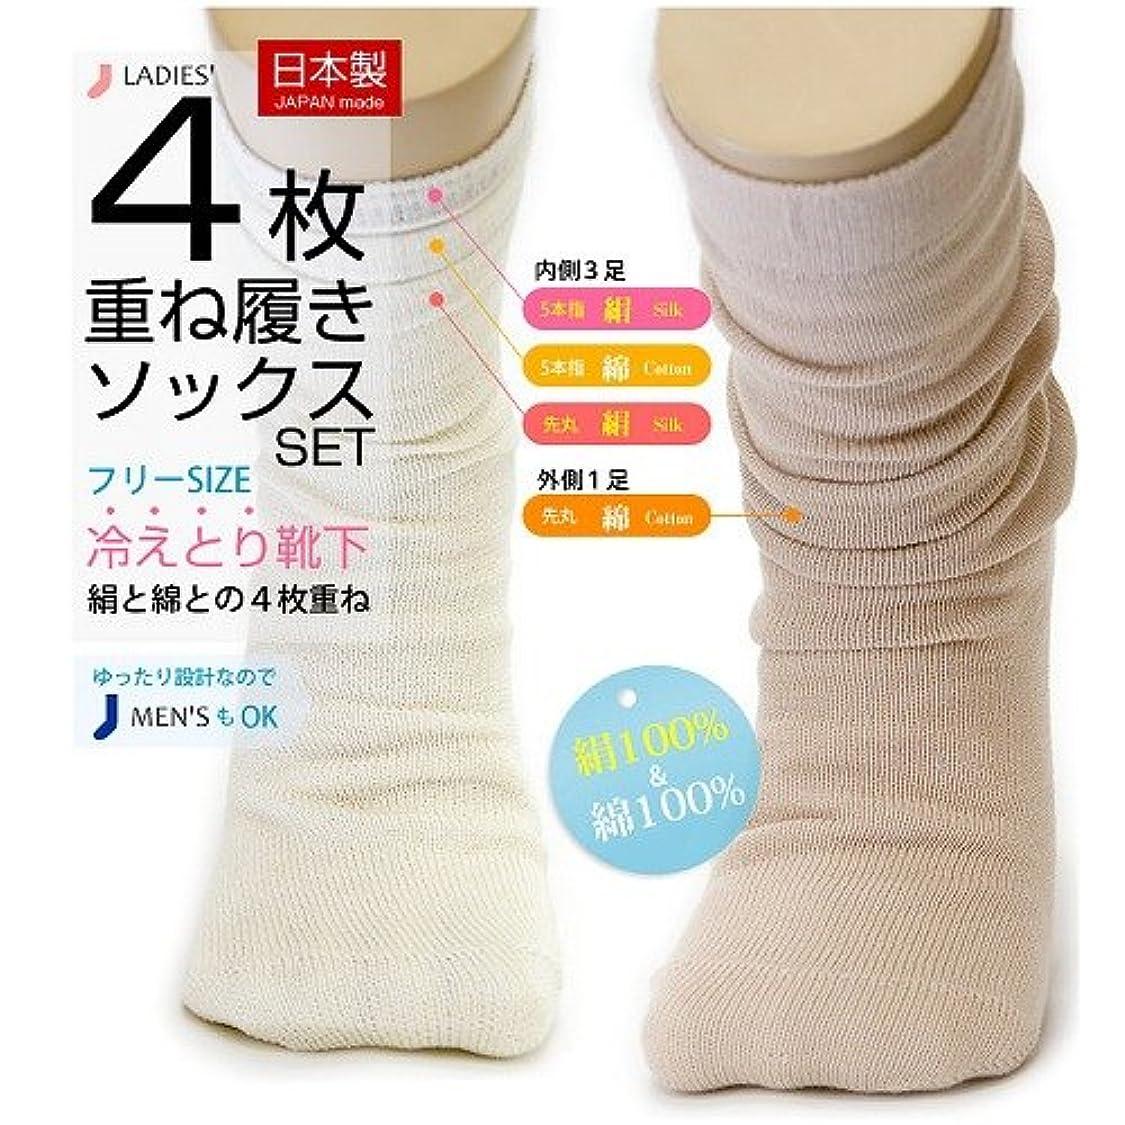 を除く満了パラメータ冷え取り靴下 綿100%とシルク100% 最高級の日本製 4枚重ねばきセット(外側ライトグレー)